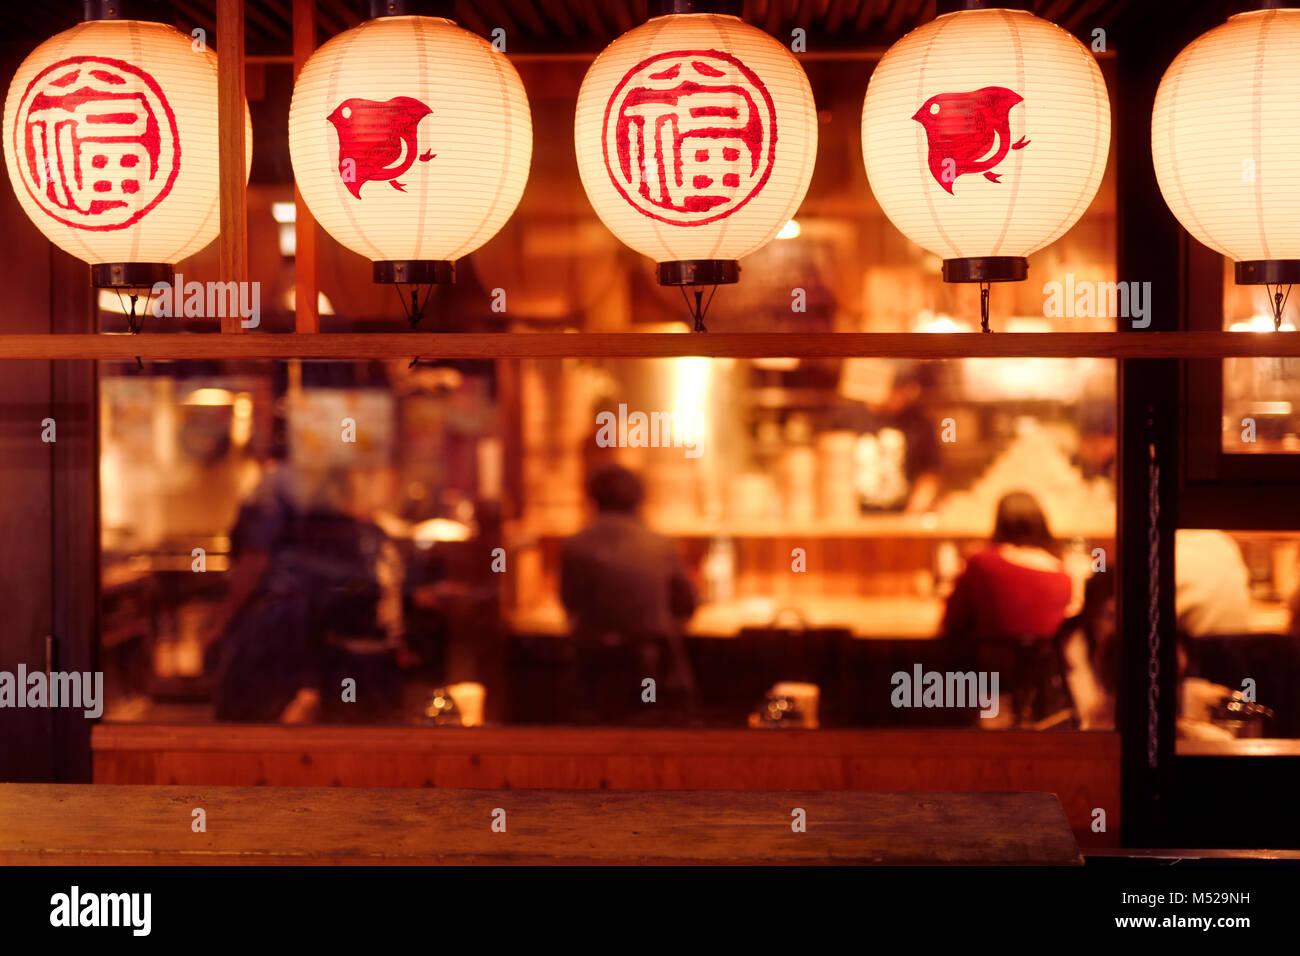 Les gens à l'intérieur d'une salle à manger restaurant japonais traditionnel avec des lanternes Photo Stock